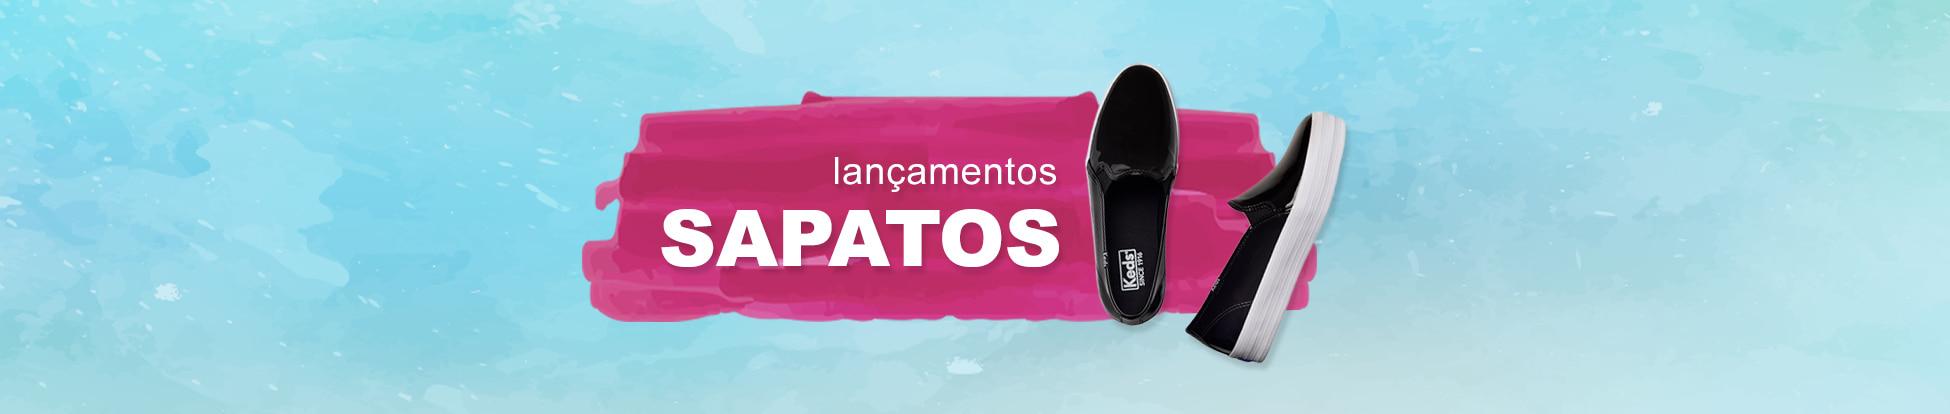 Lançamentos - Sapatos